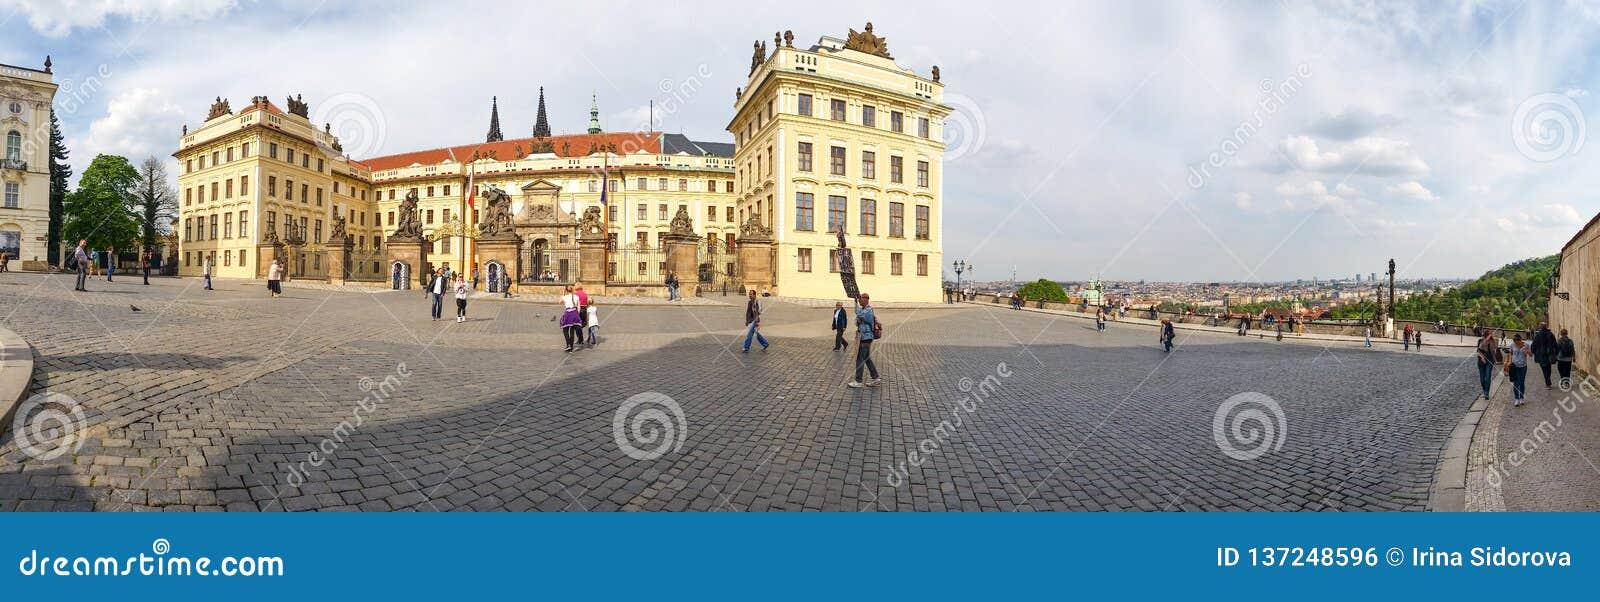 Panoramautsikt av den härliga byggnaden av uppehållet av presidenten av Tjeckien i den Prague slotten